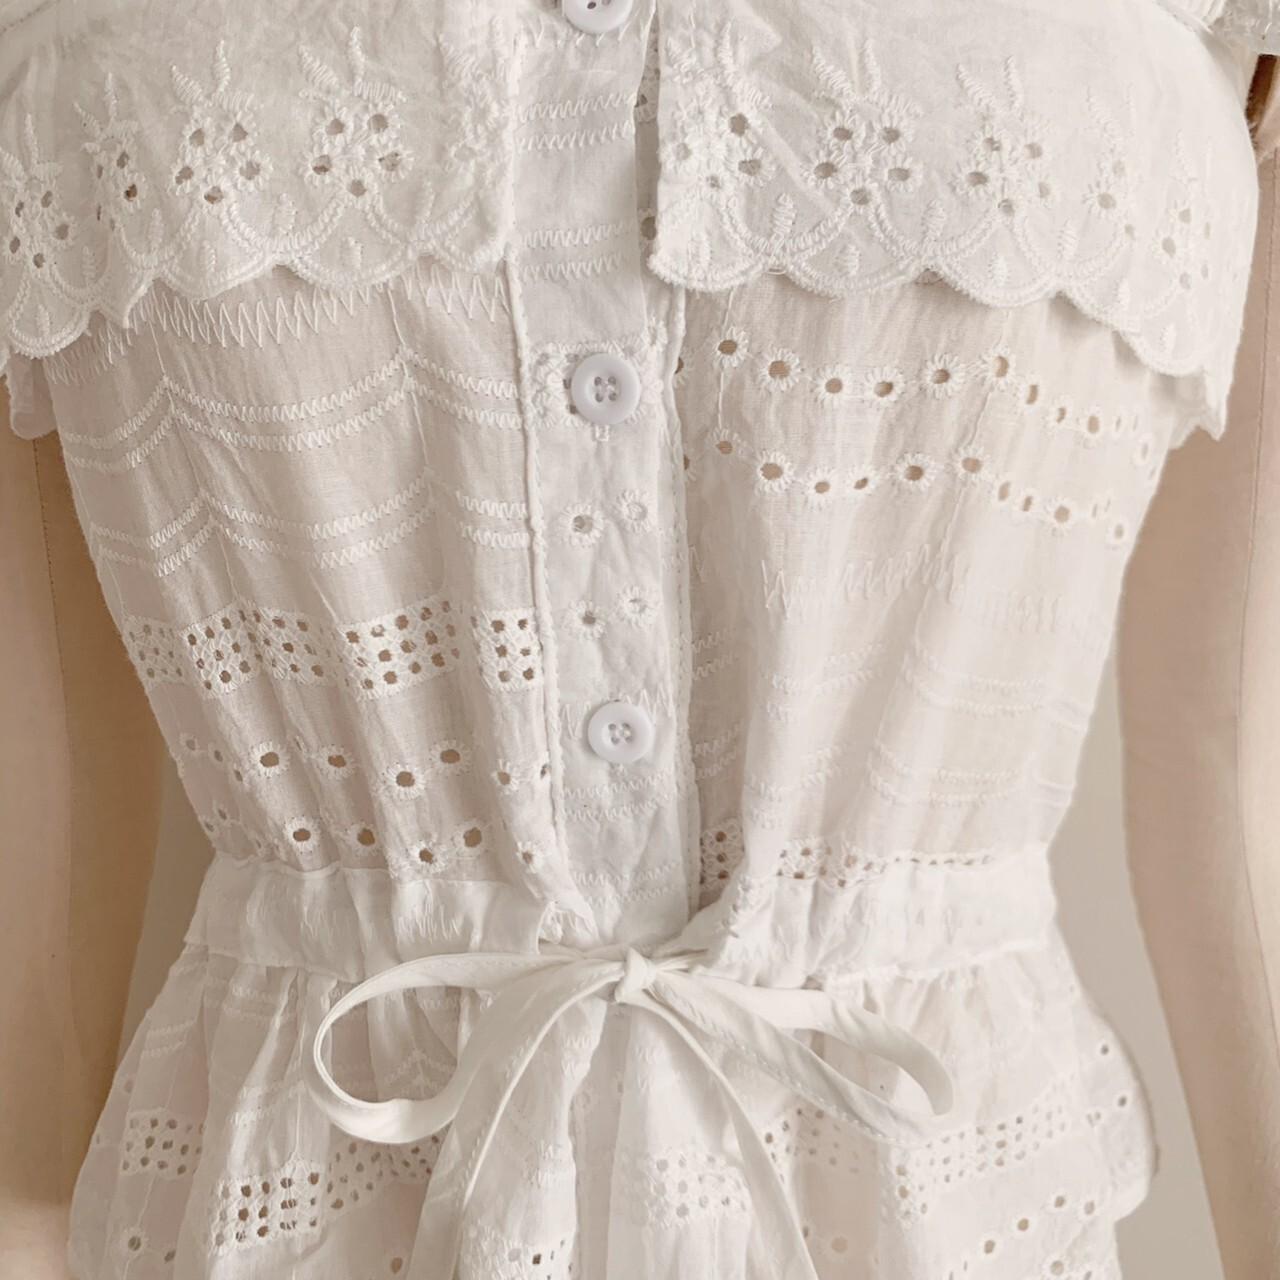 【meltie】cotton lace bustier